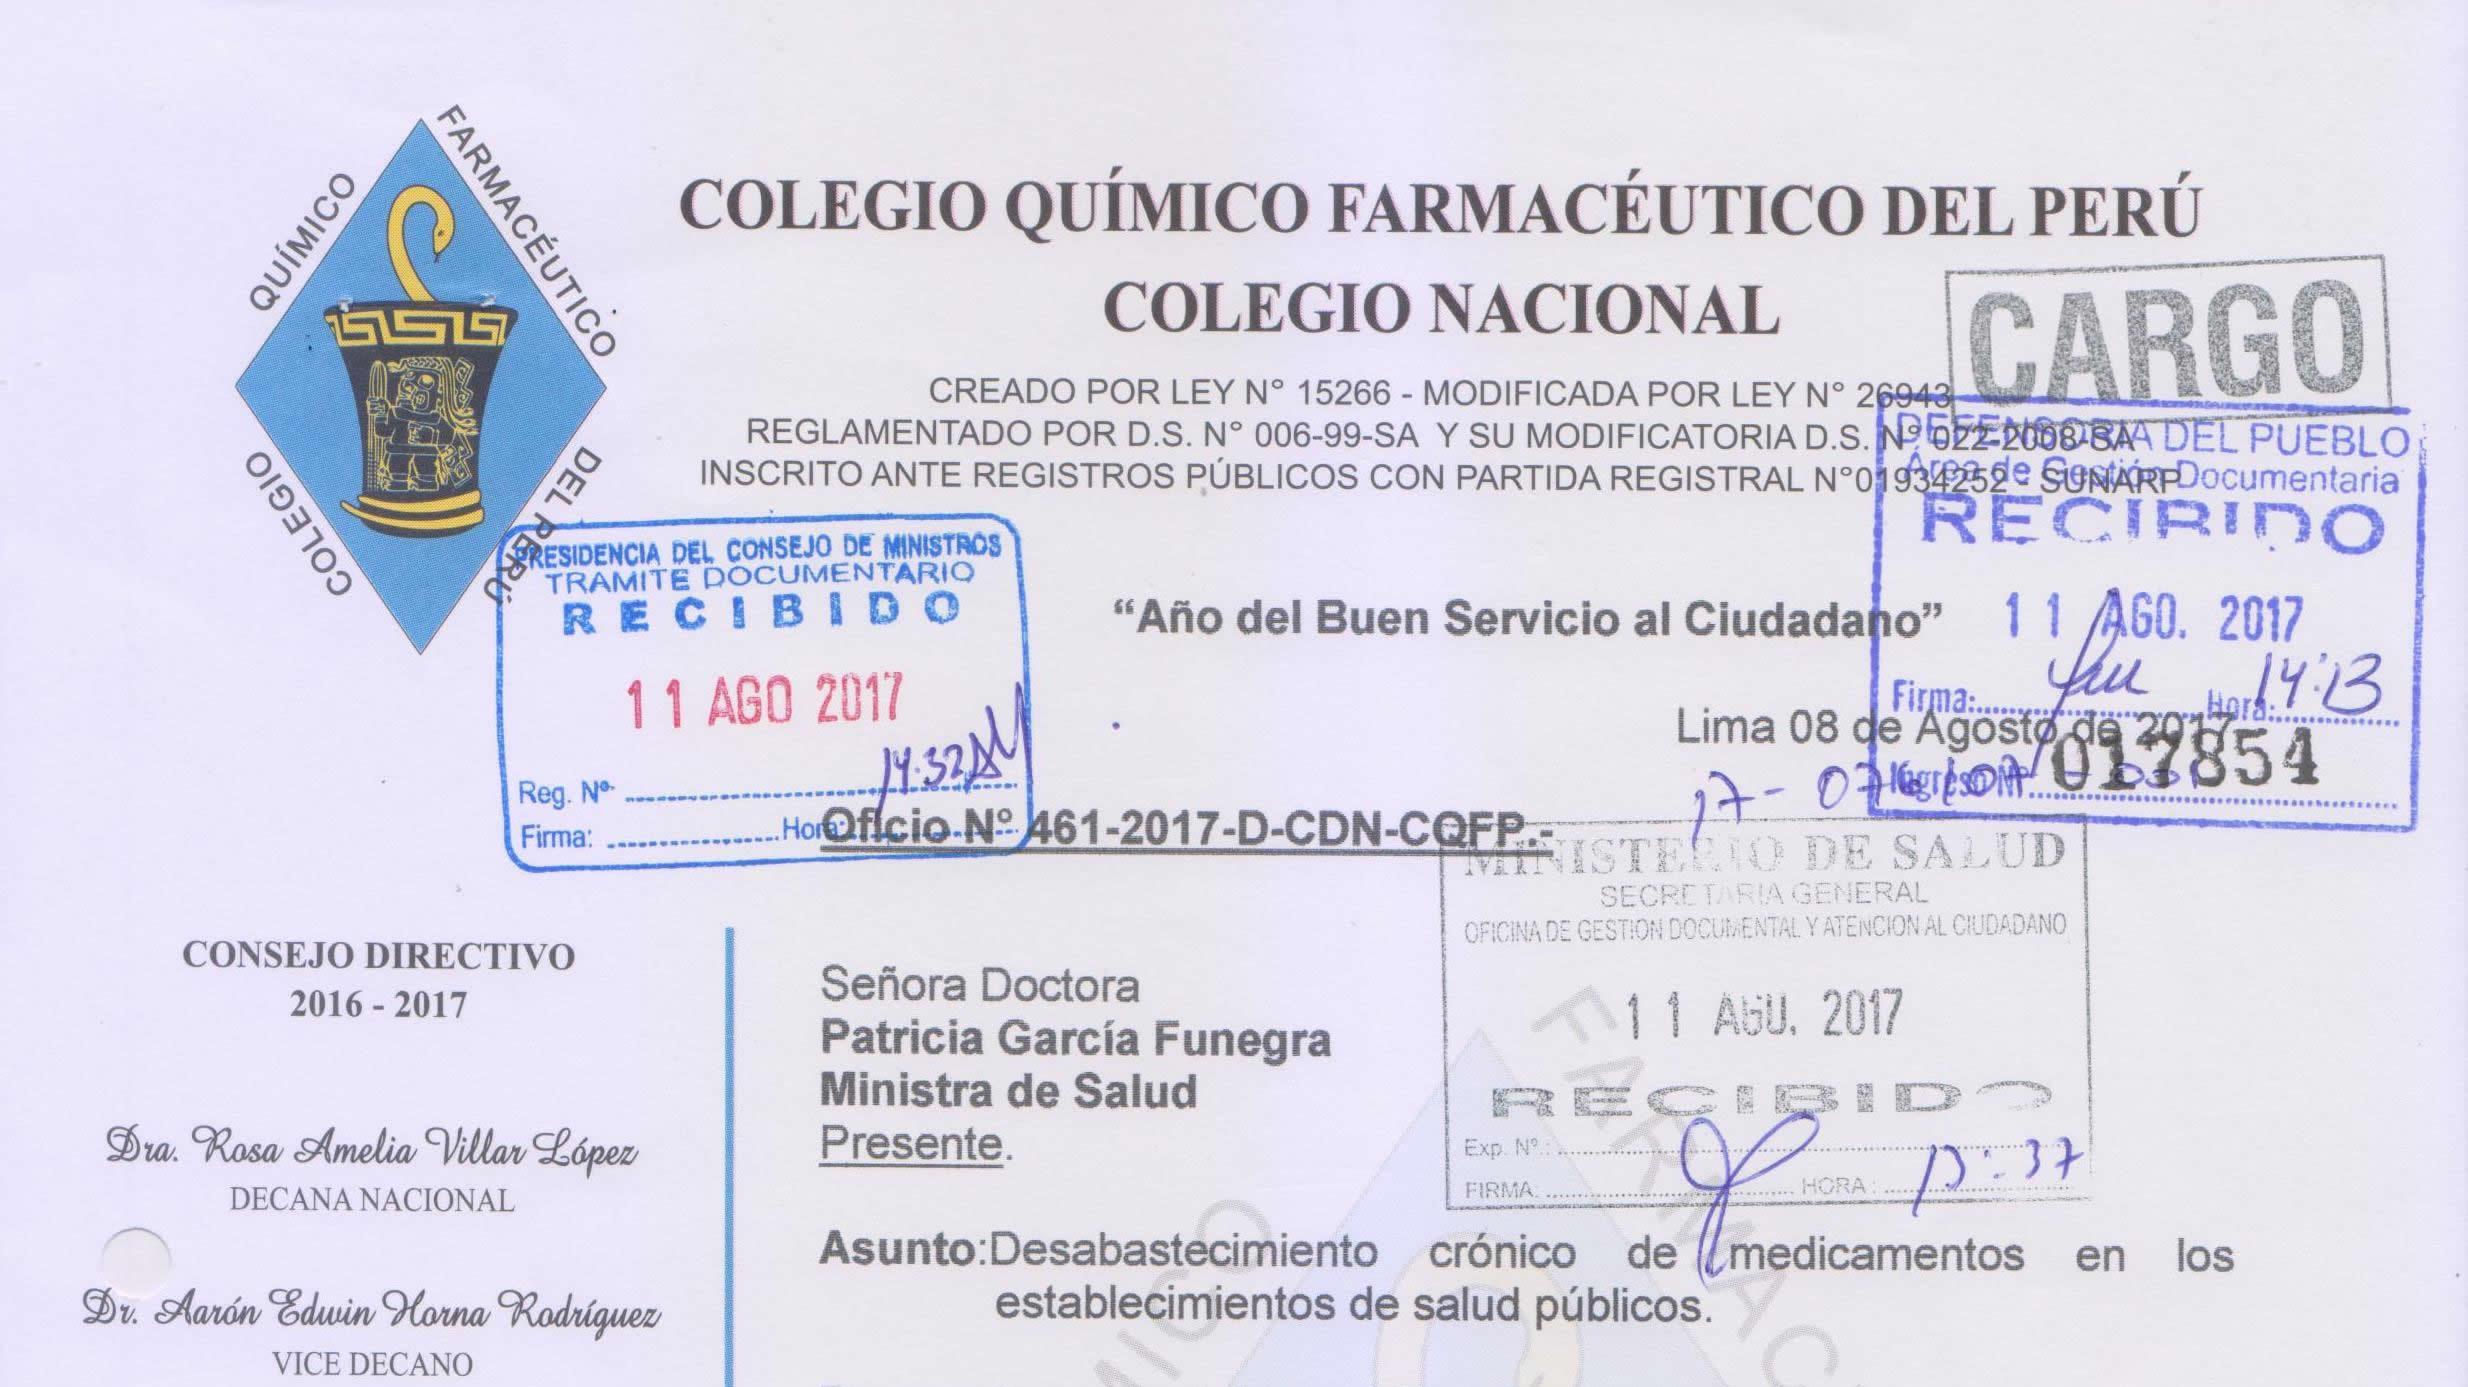 OFICIO N° 461-2017-D-CDN-CQFP